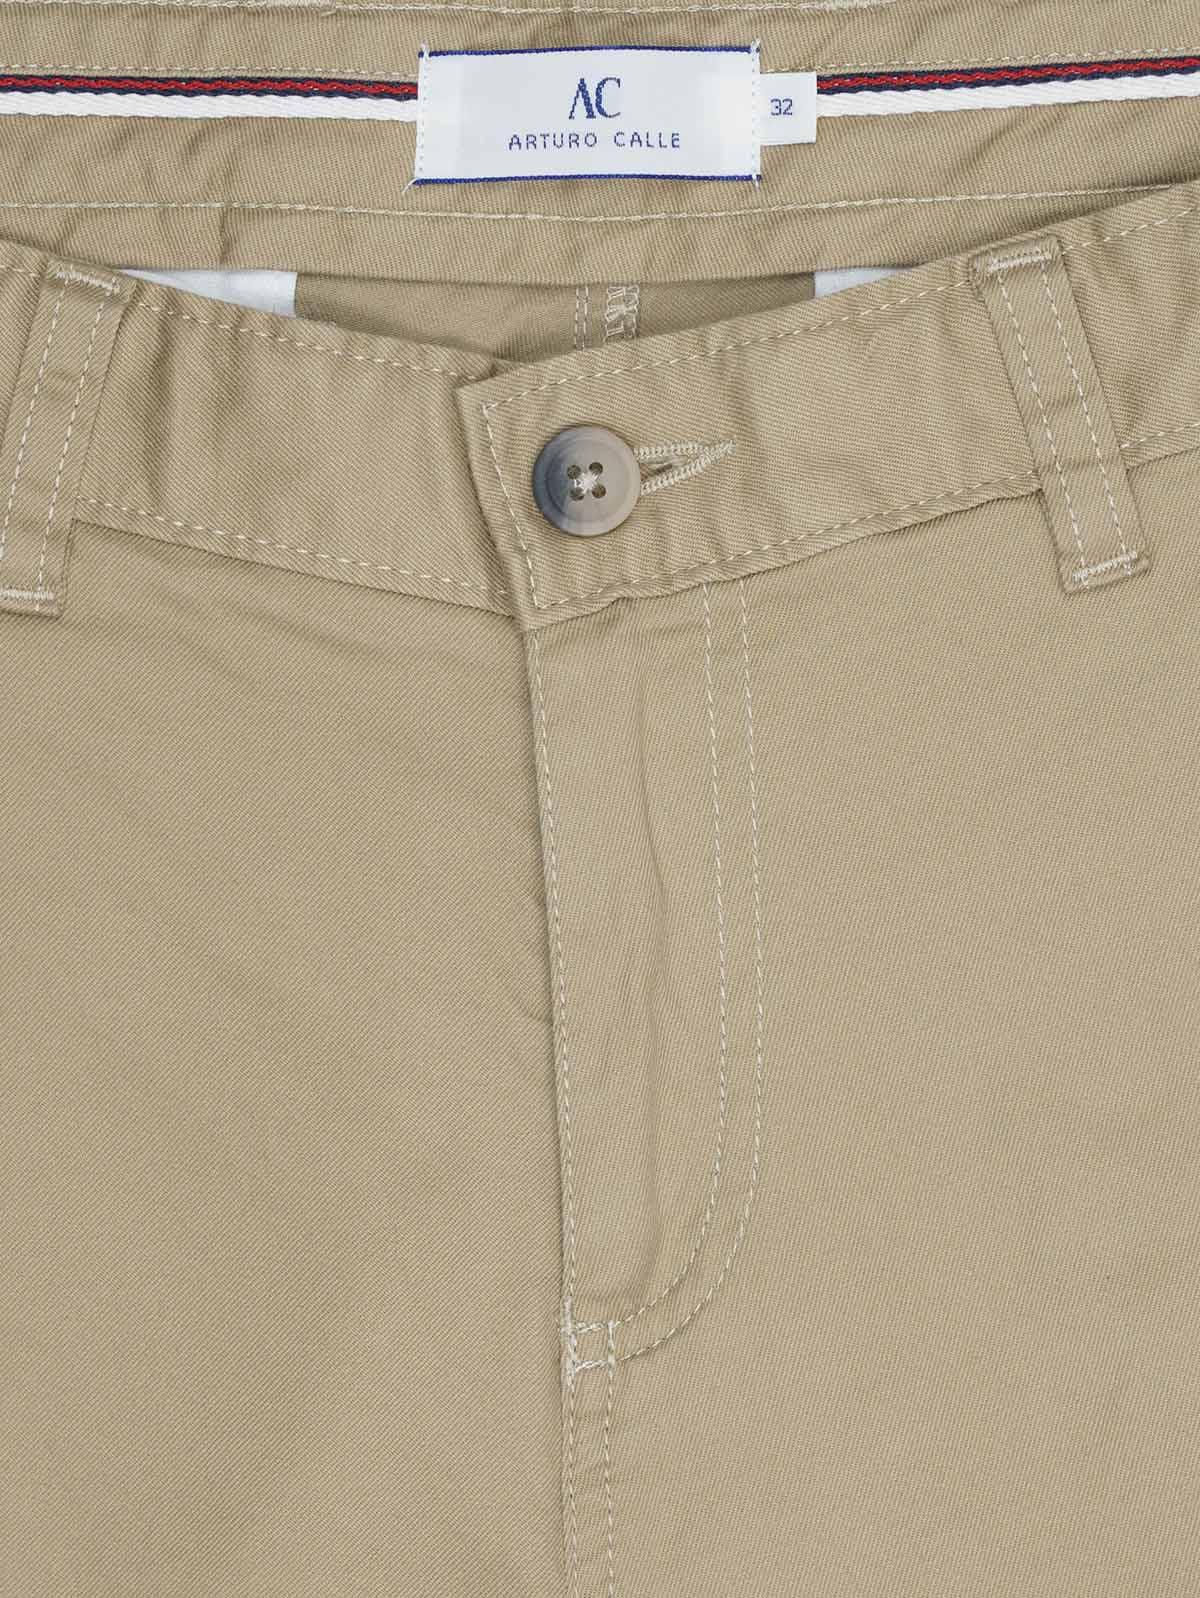 Pantalon Casual 340 En Habano Unicolor Slim Fit Para Hombre 92447 Arturo Calle